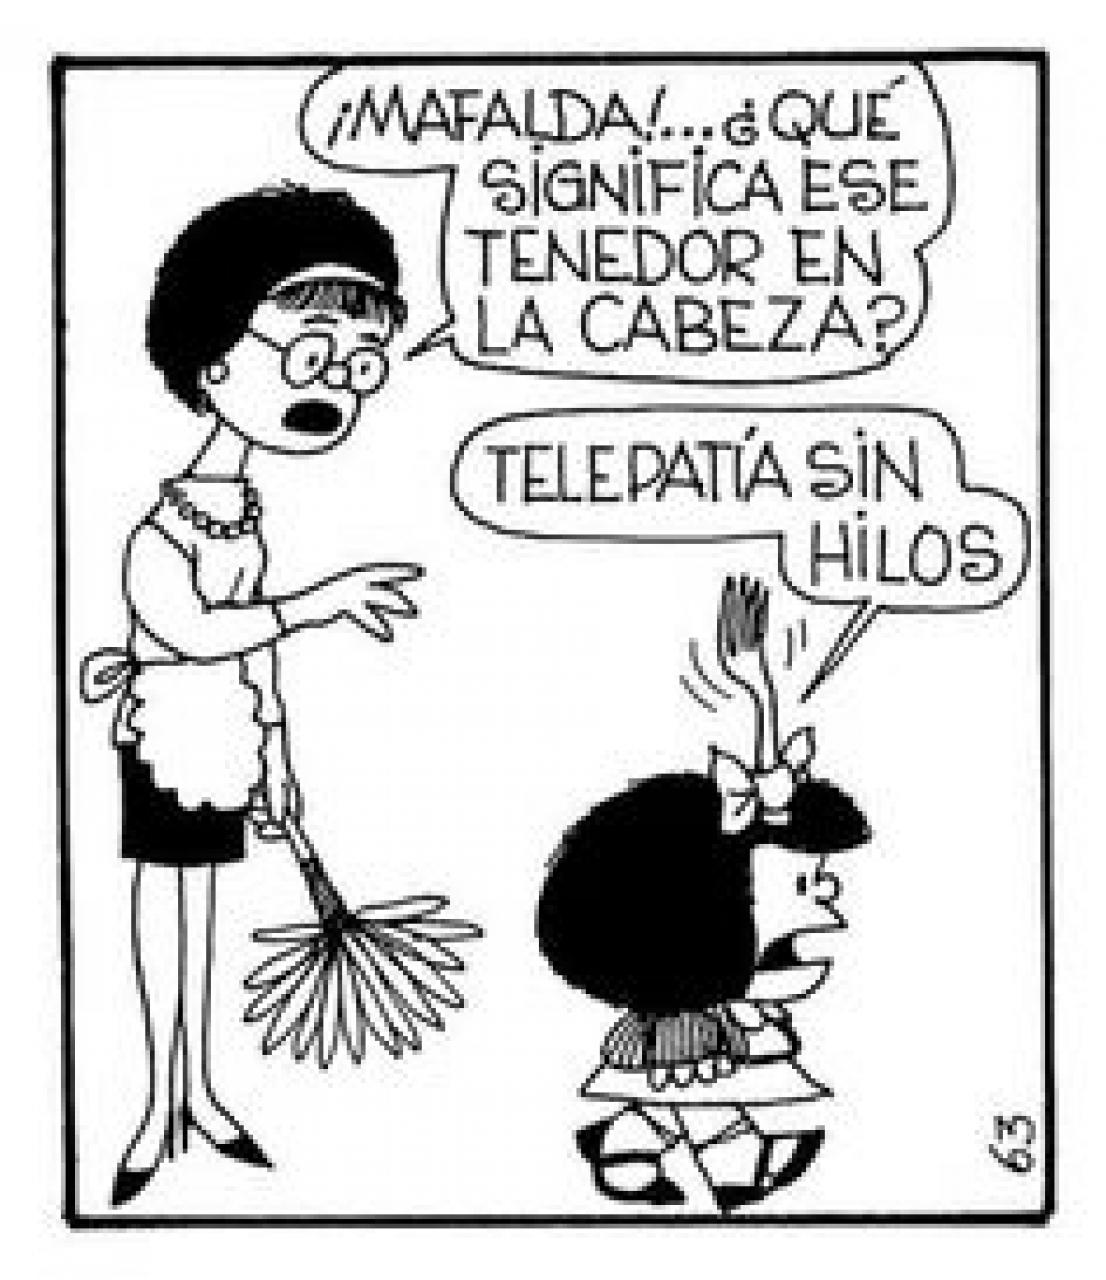 9f3ac918bd2ab4987fe2bbe247fd4b9a--mafalda-quotes-classic-cartoons